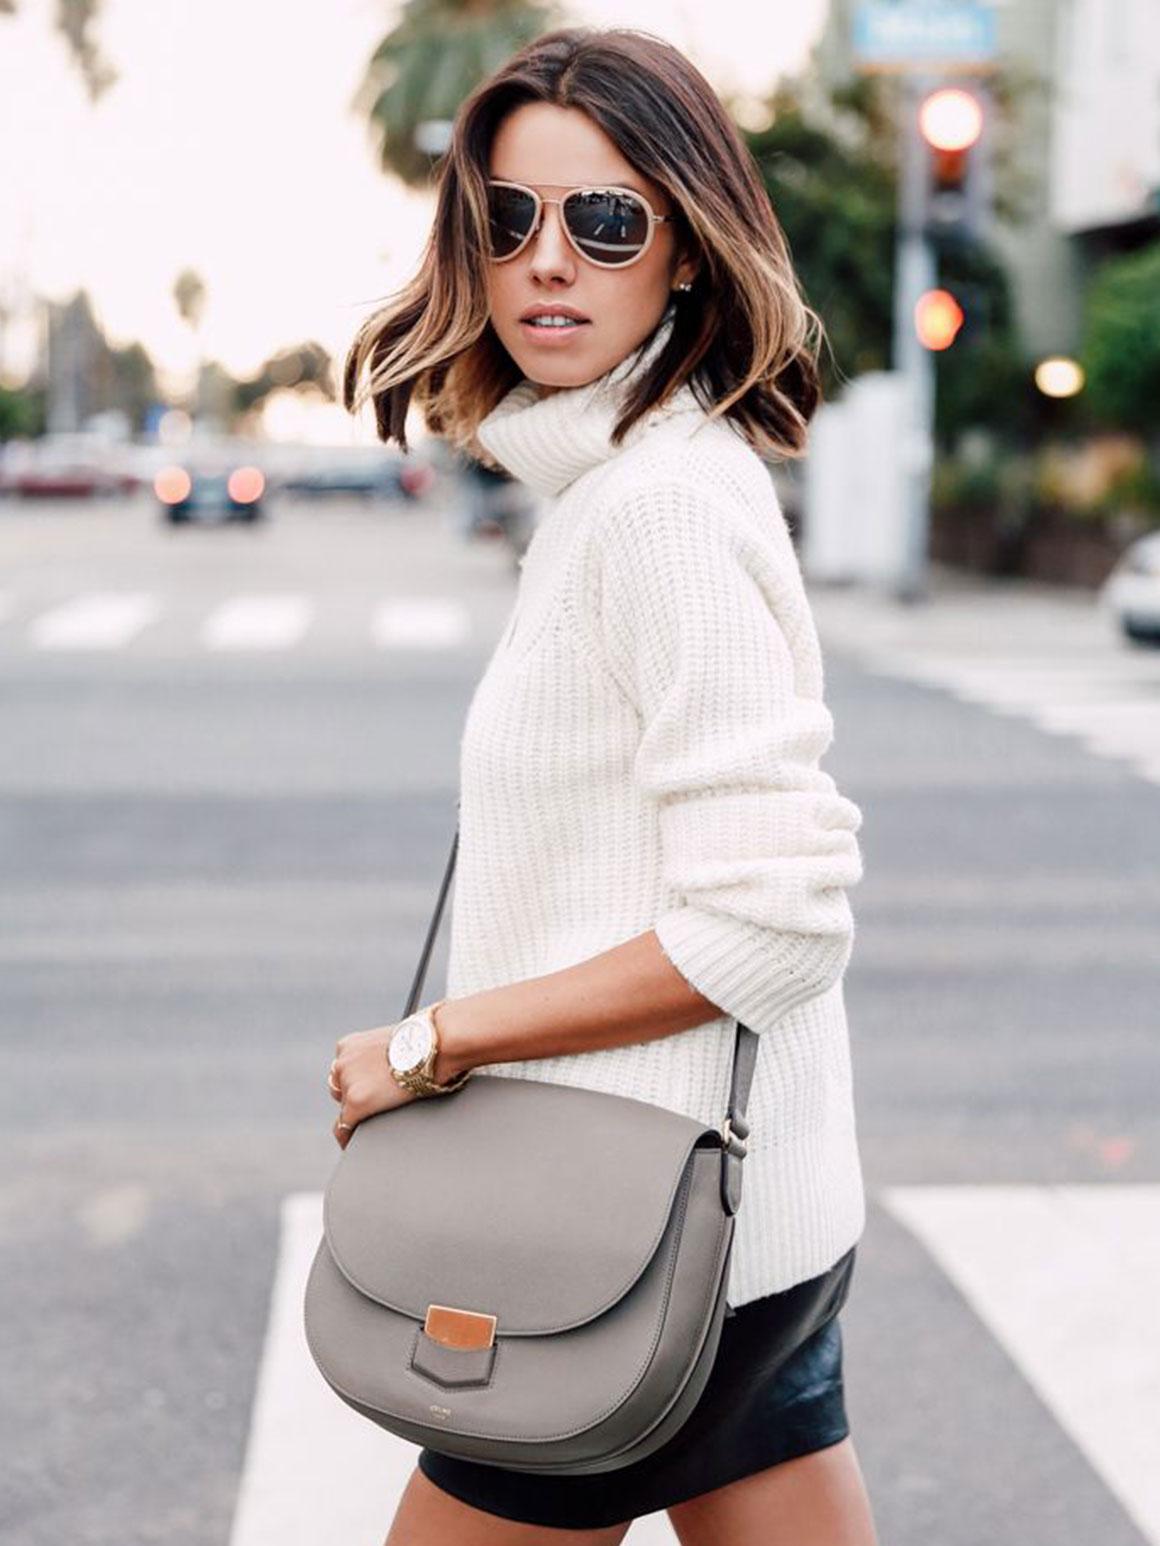 Fashion Fix: Crossbody bag